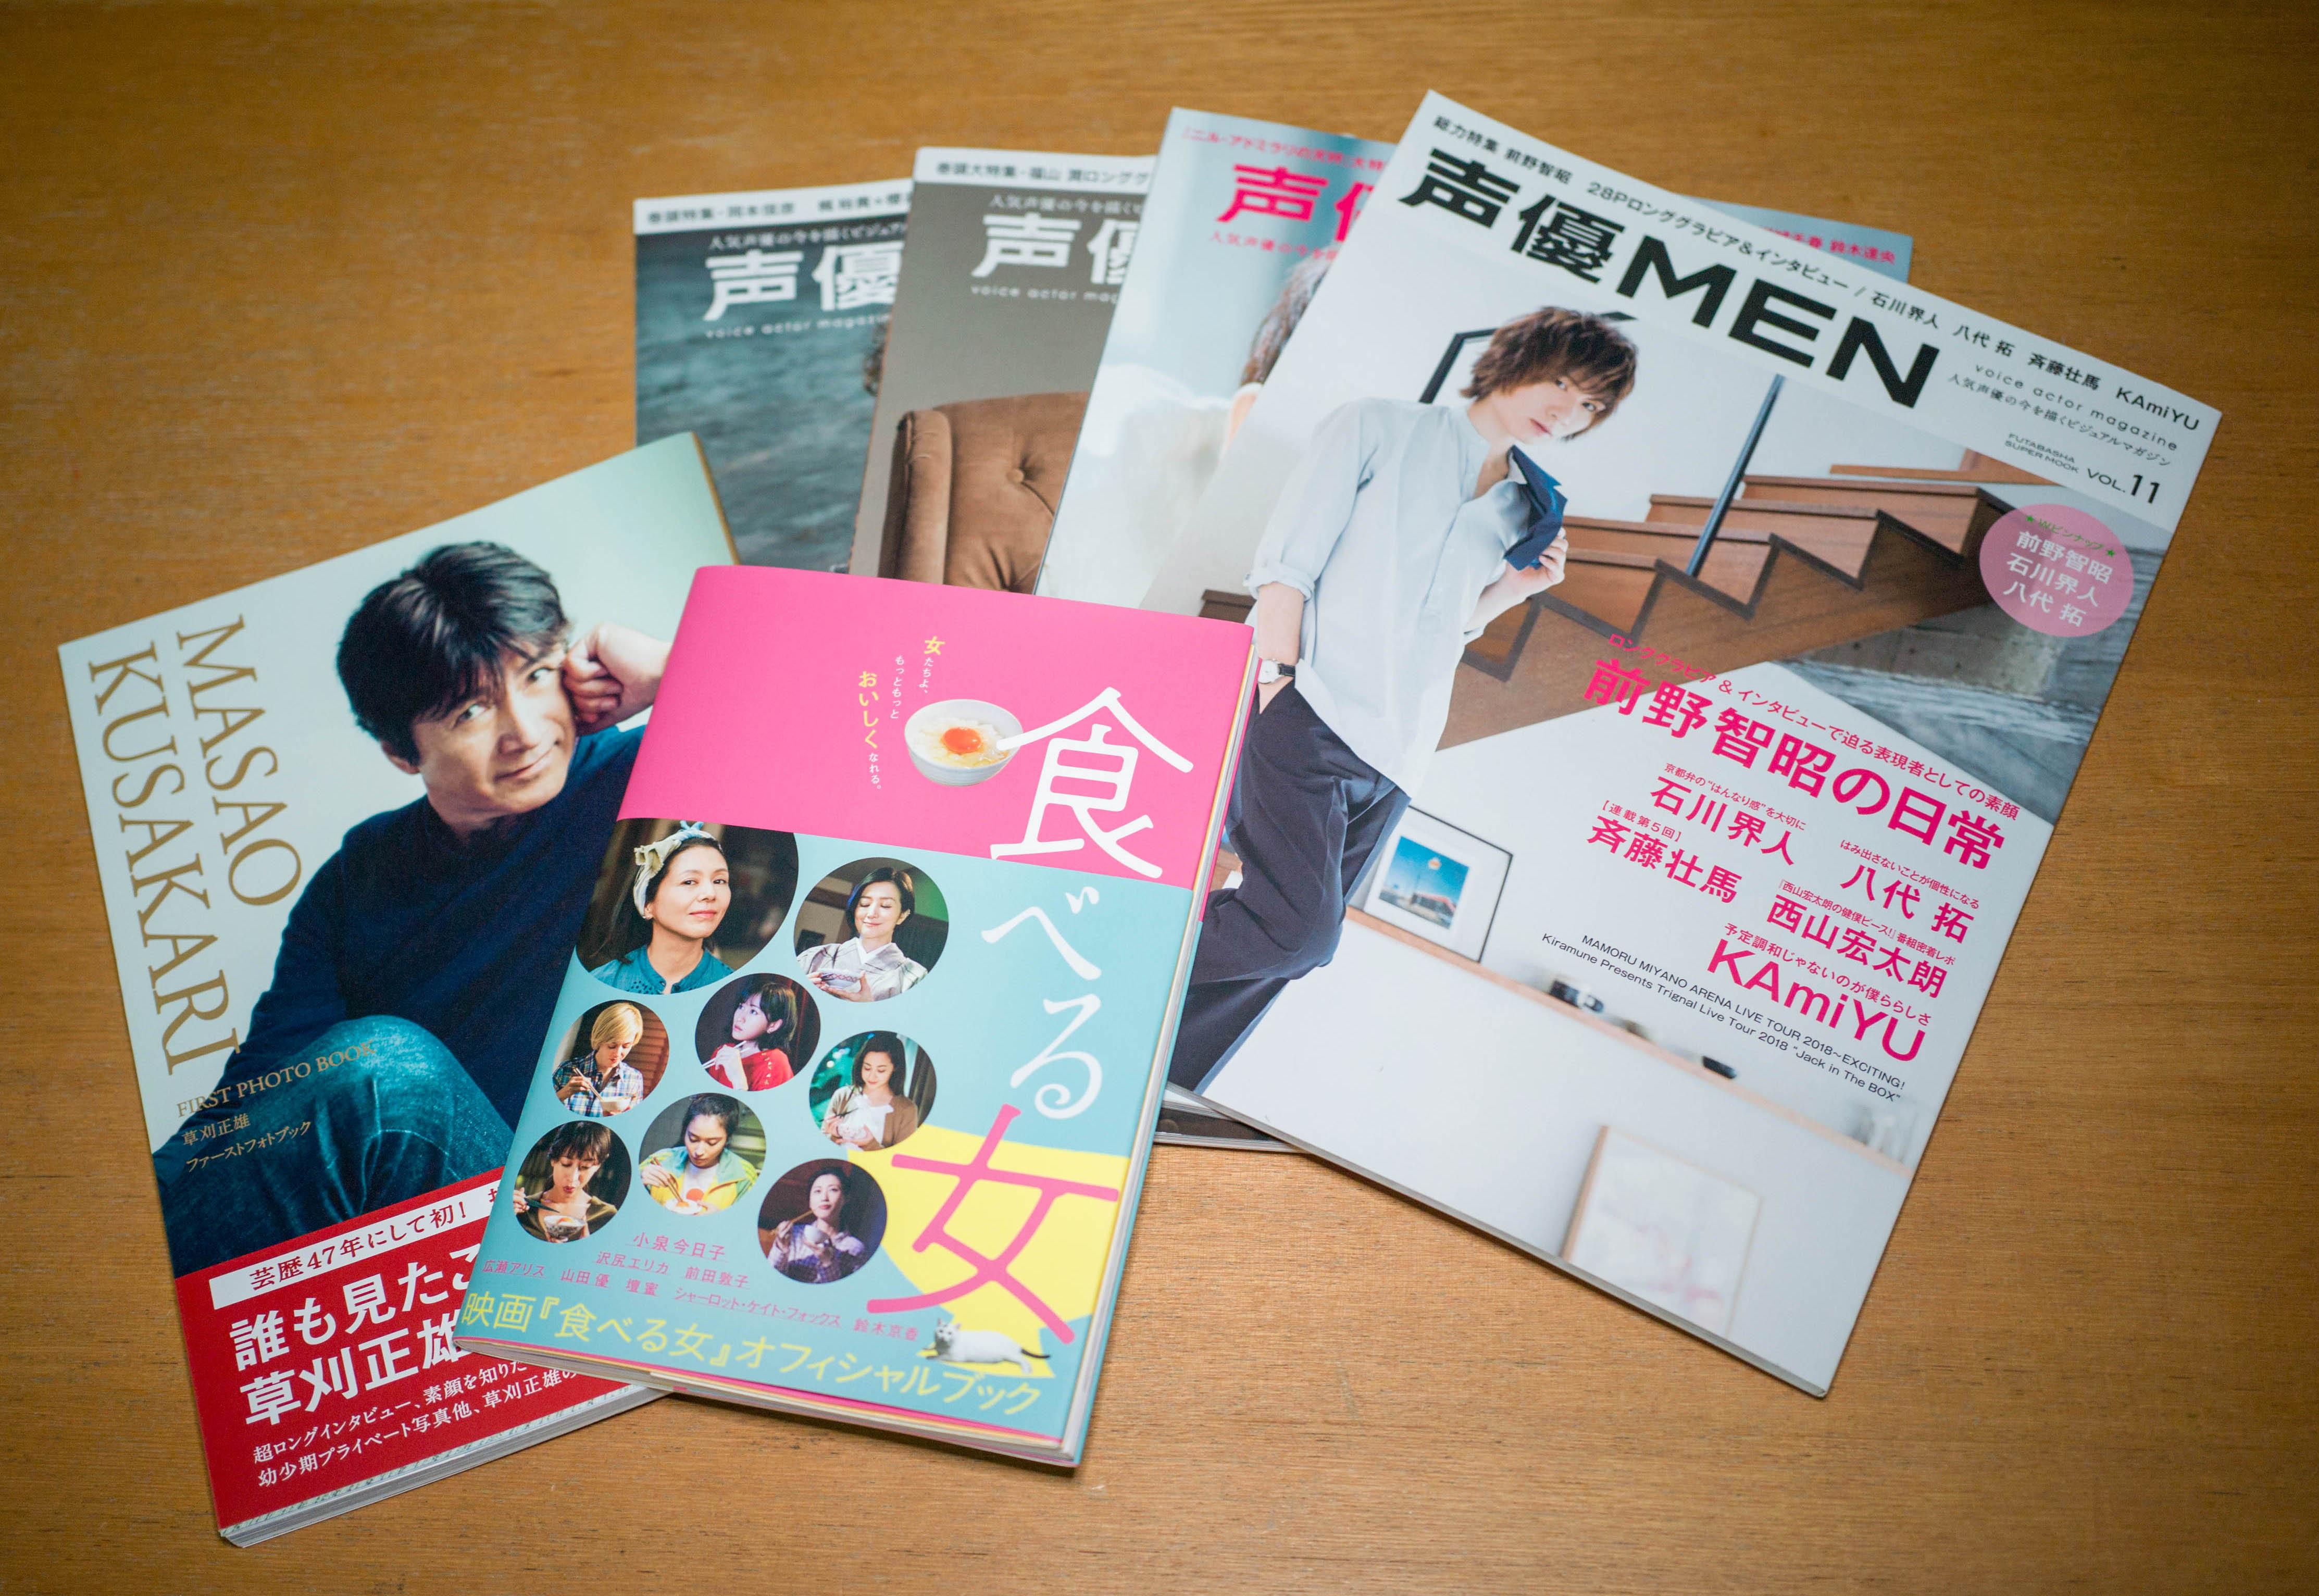 『声優MEN』(双葉社)など雑誌のほか、芸能や映画にまつわる写真集、オフィシャルブックも数多く手がける